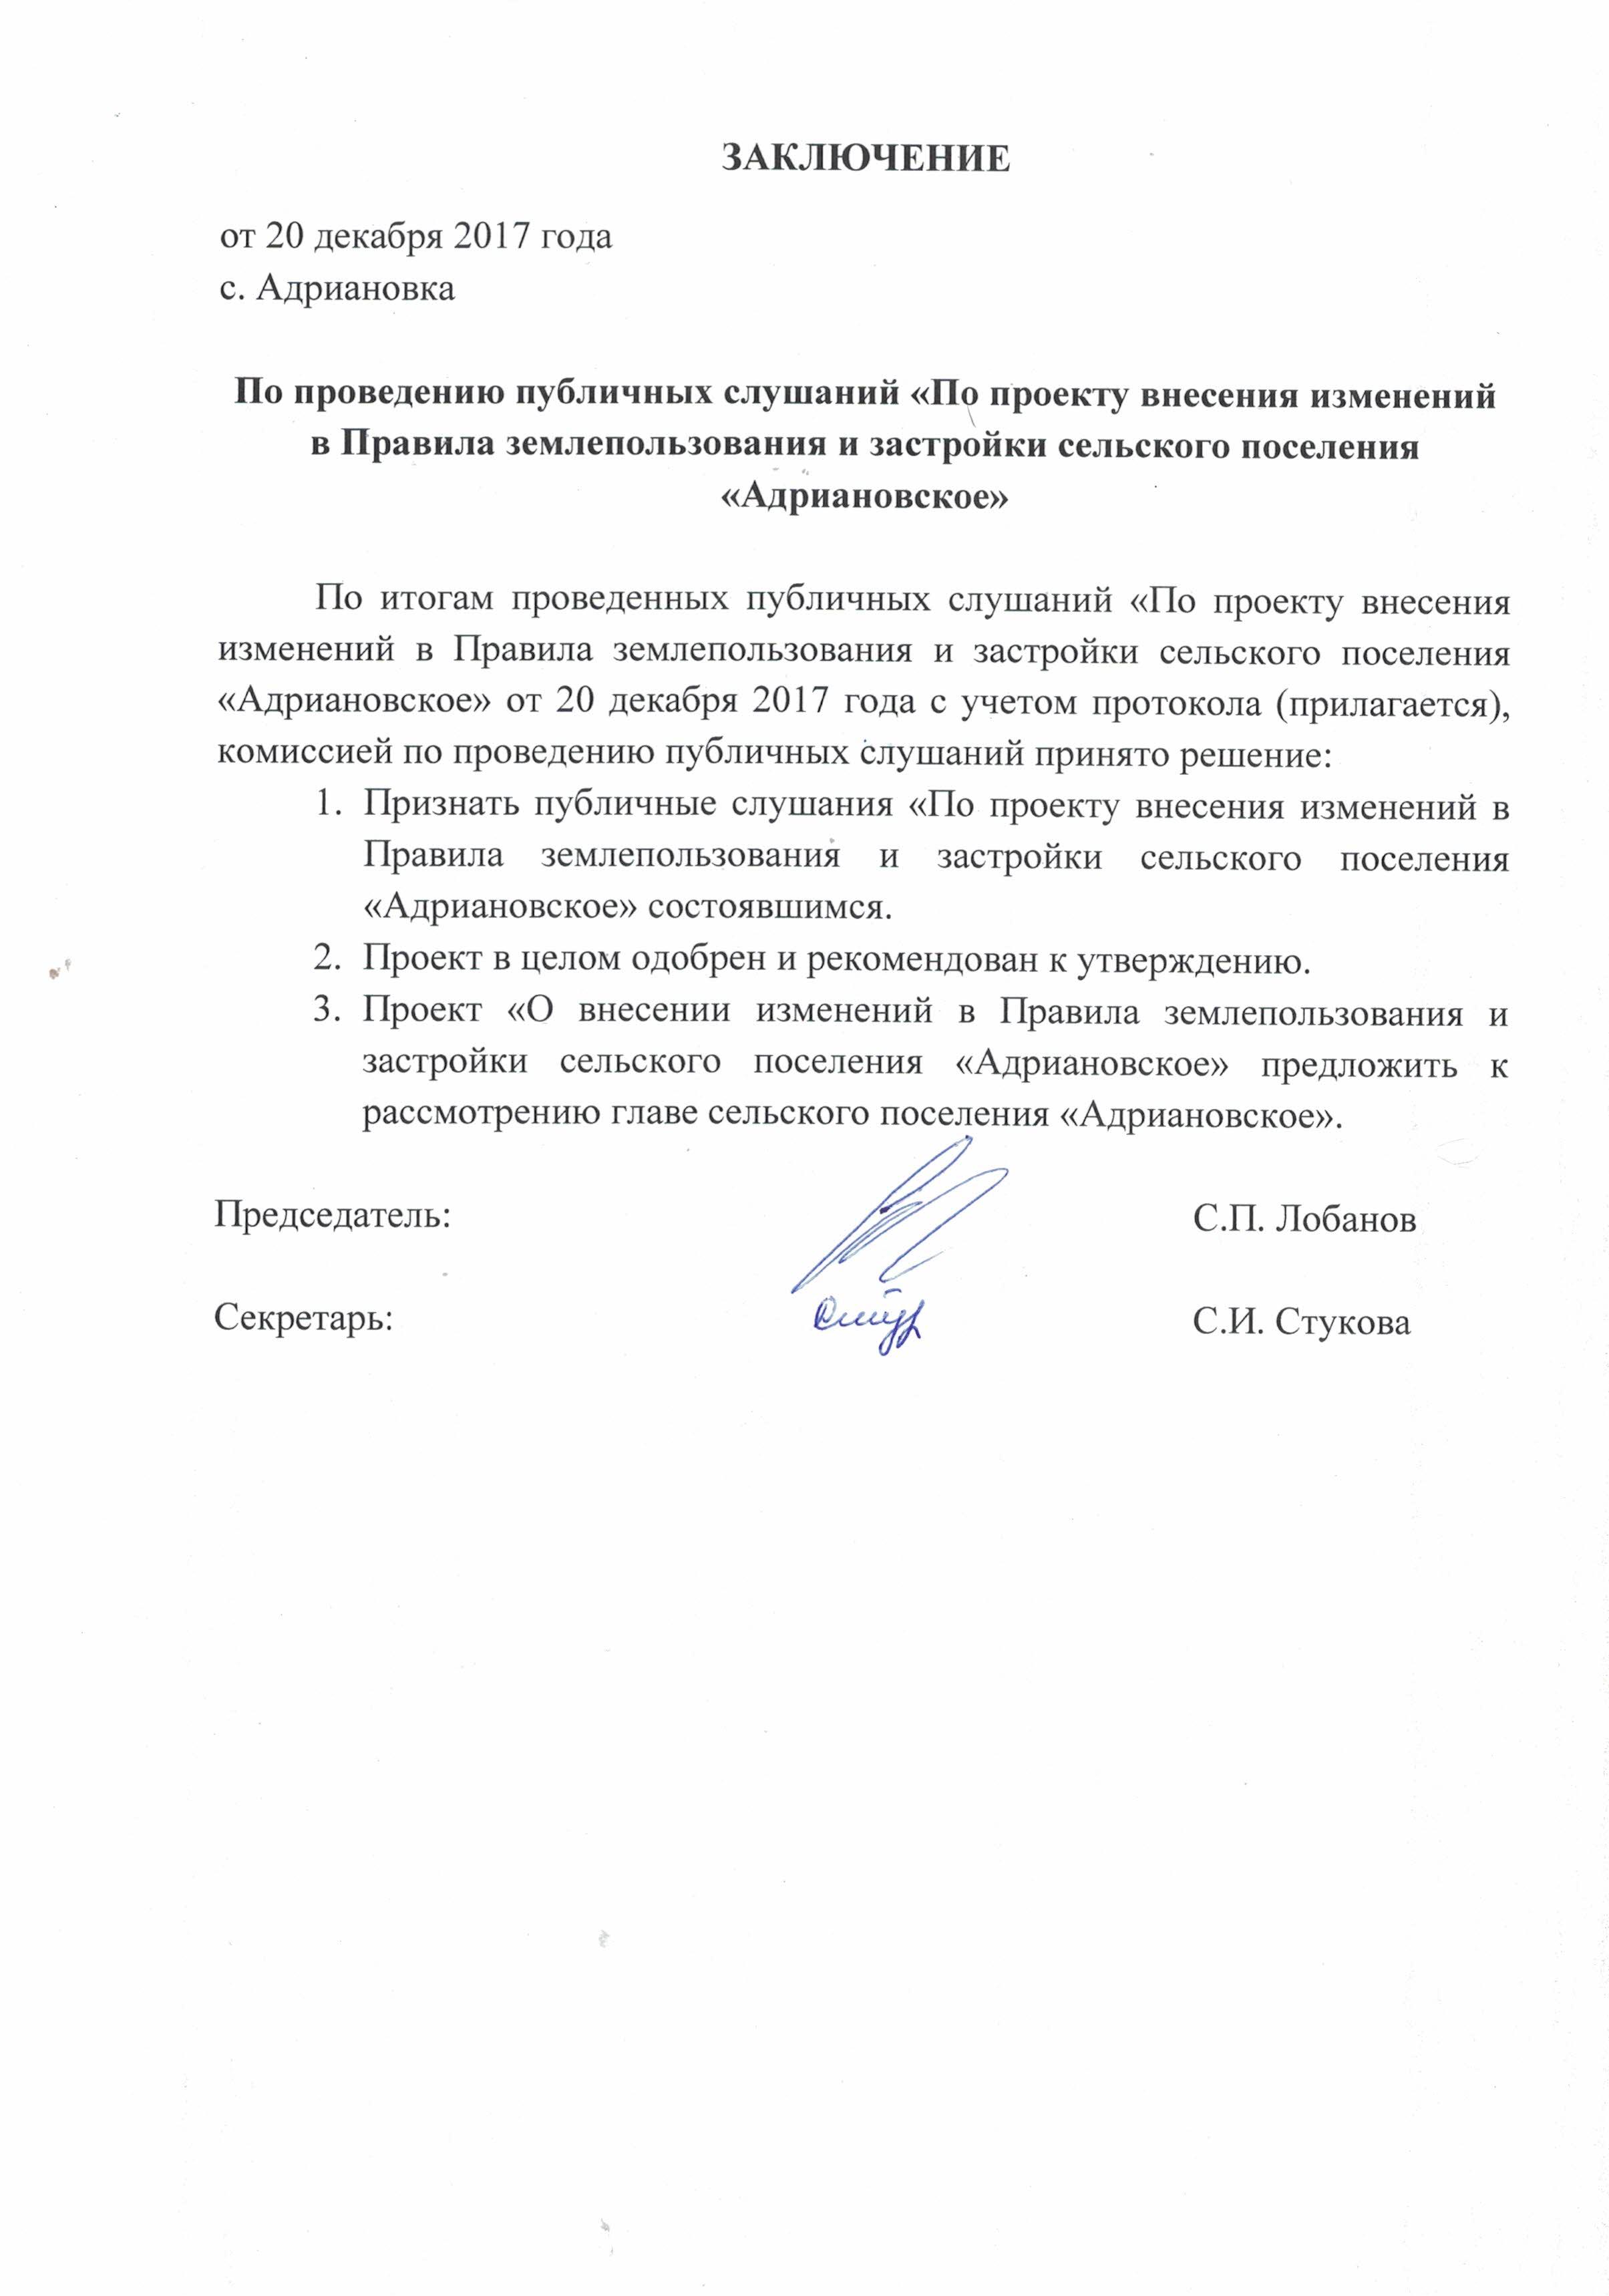 Заключение о публичных сл сп Адриановское